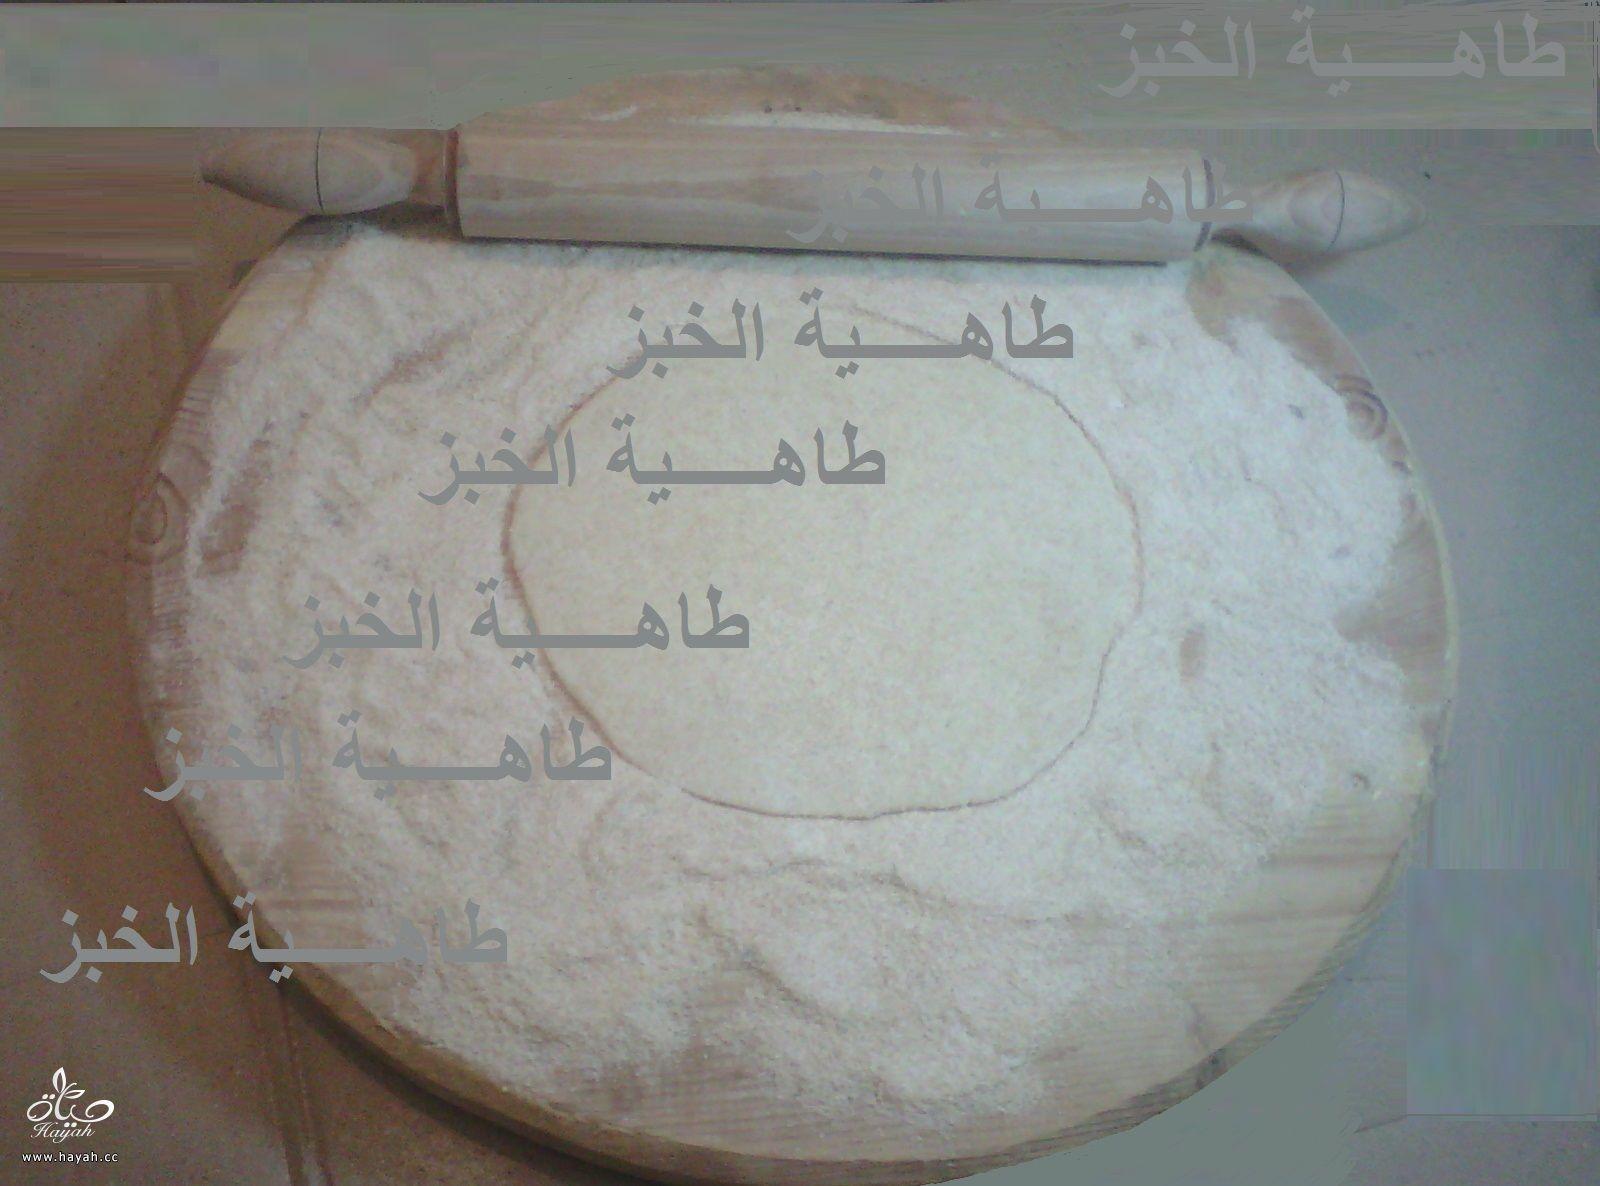 طريقة عمل الخبز المصرى  بالخبازة الكهربائية hayahcc_1394407391_664.jpg